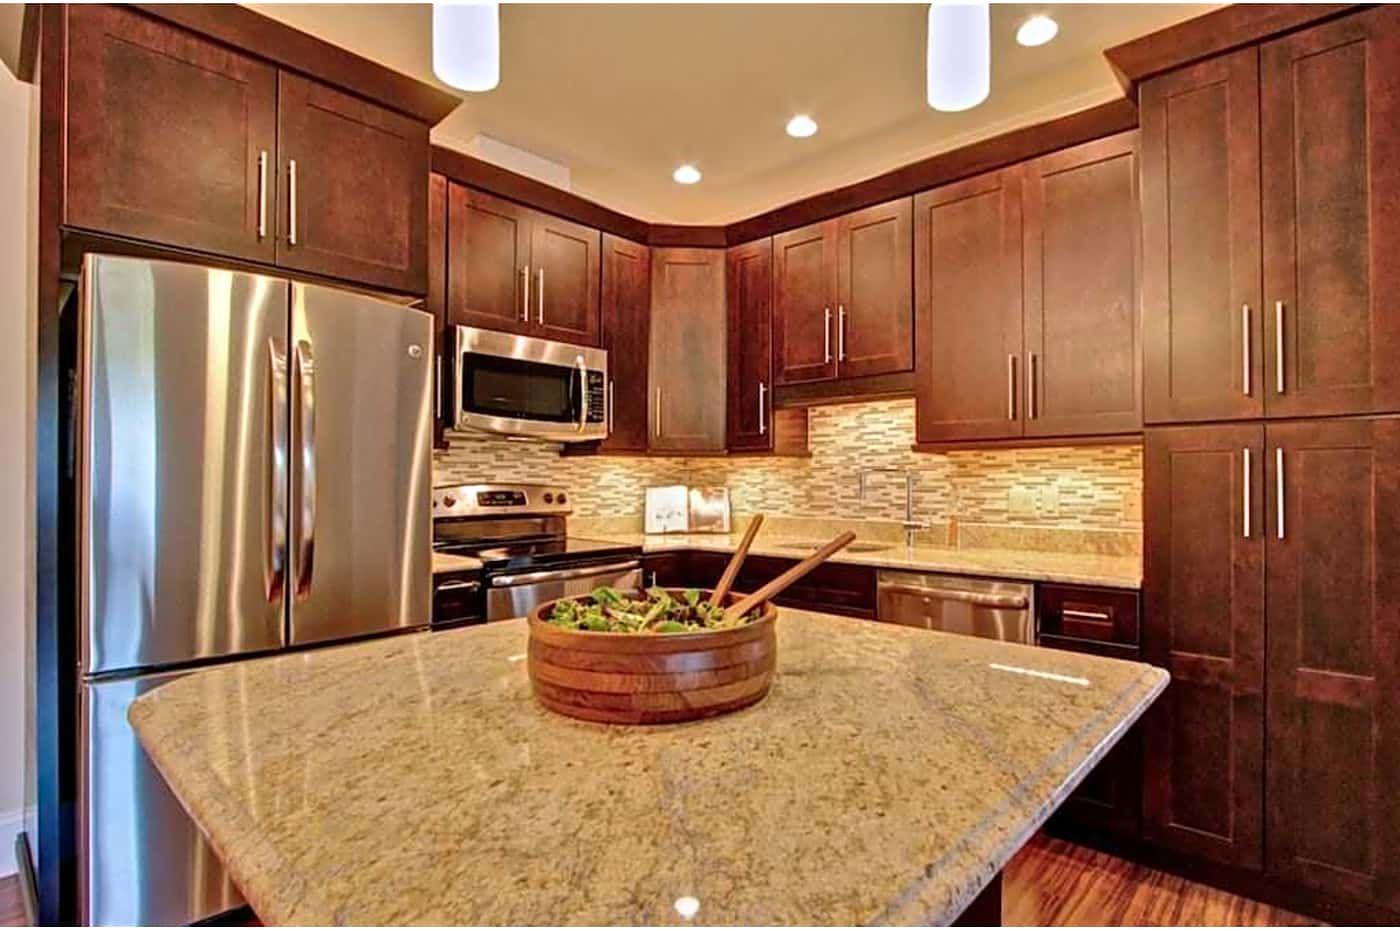 Madison Place Southborough Madison Place Southborough Ma Apartments For Rent Rent Com Apartments For Rent Southborough Apartment